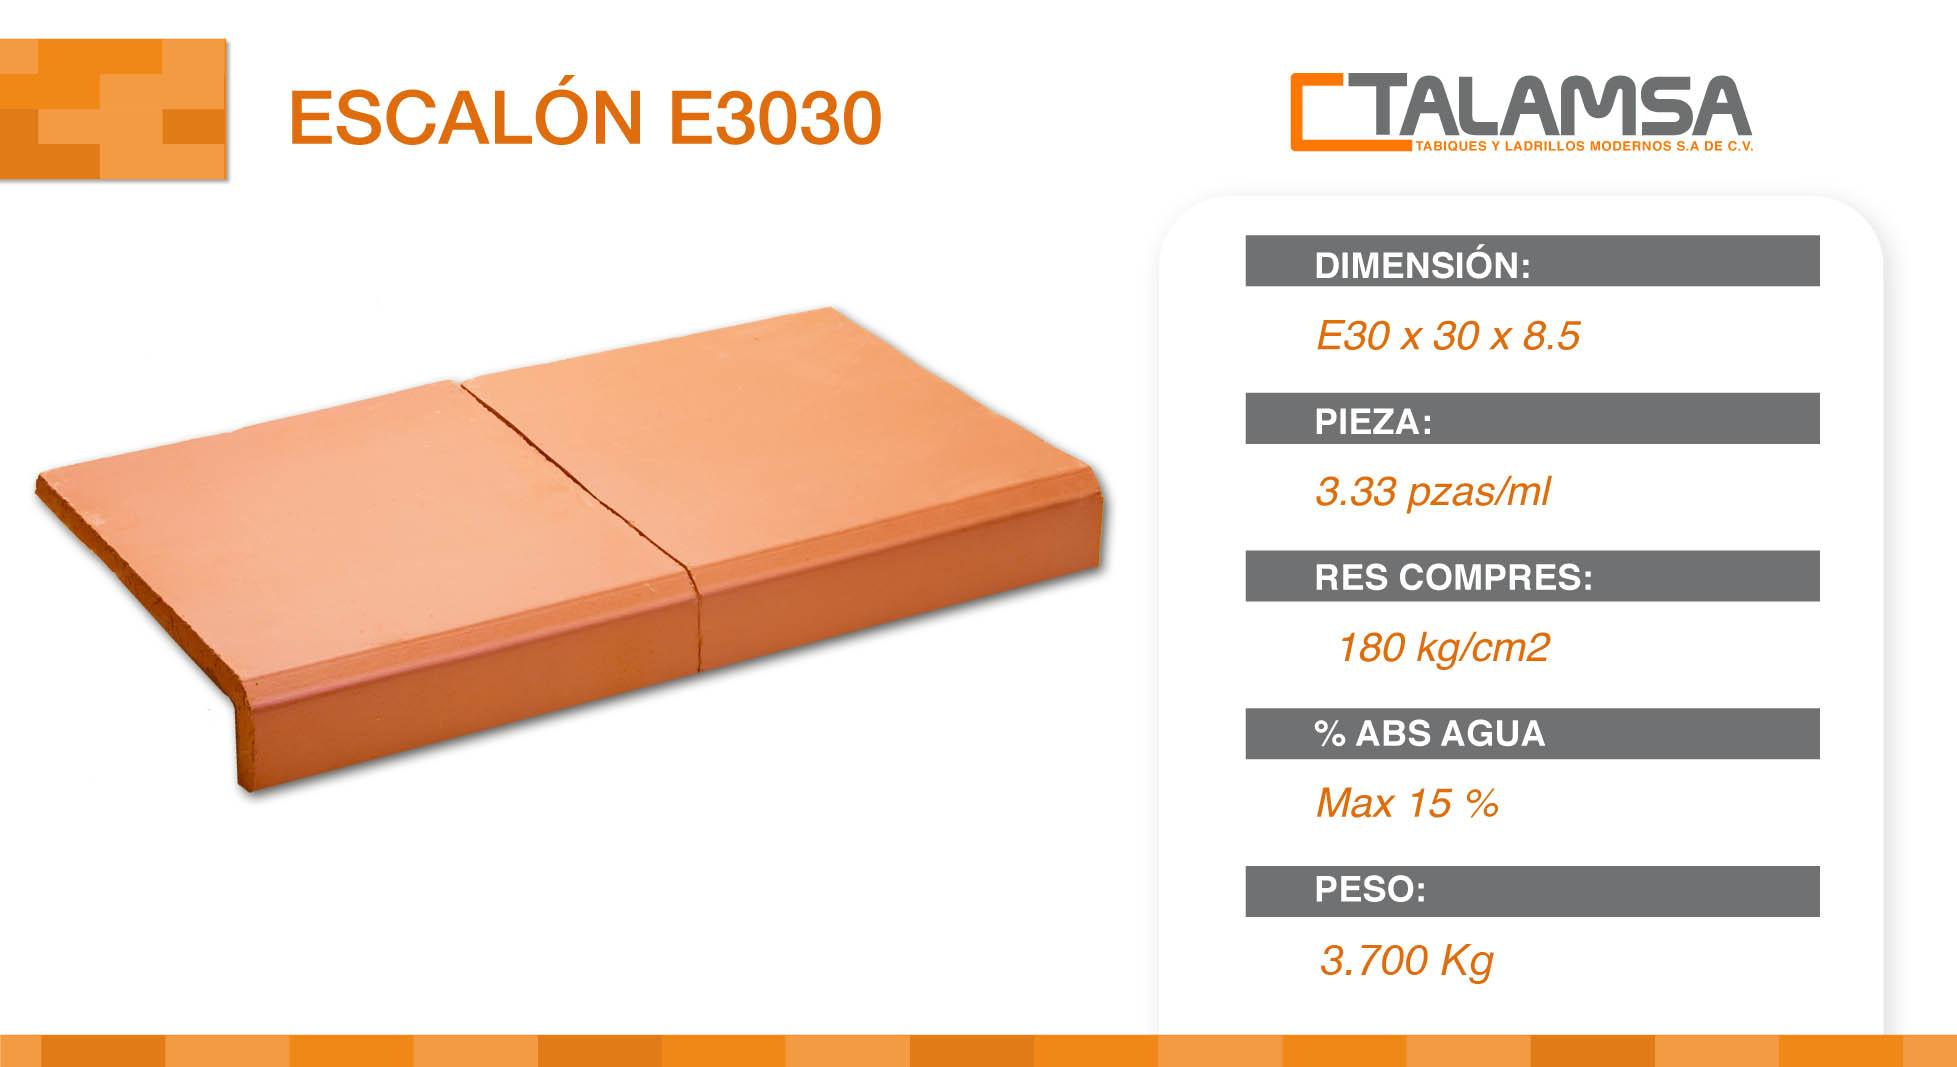 Escalón E3030